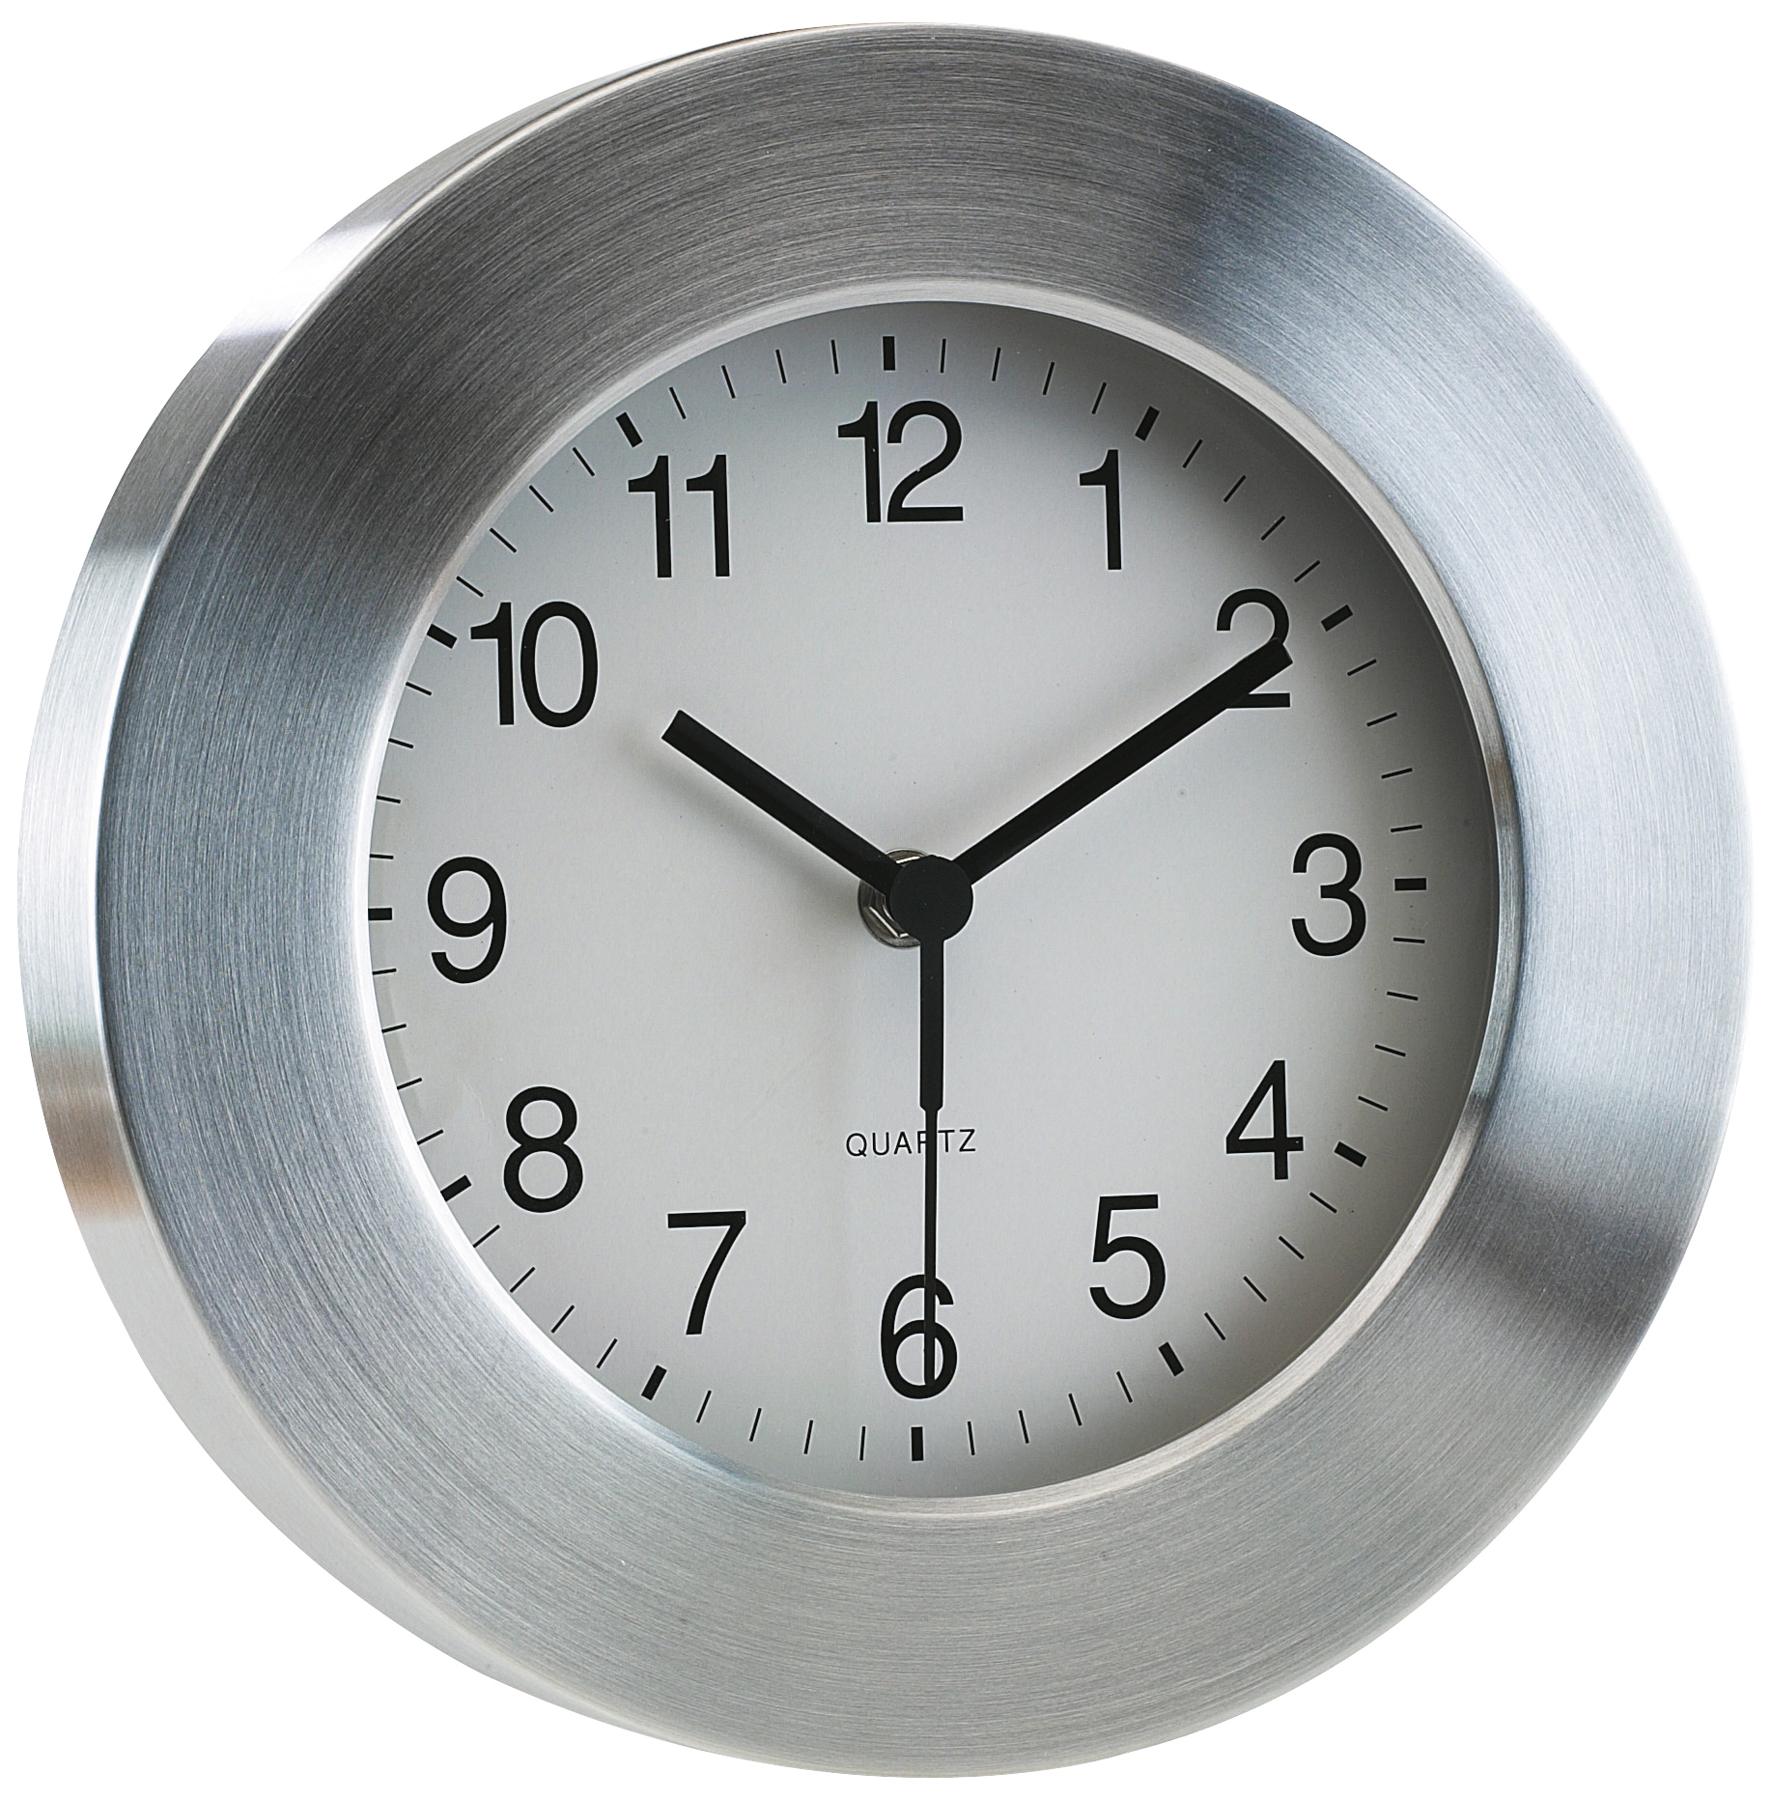 Aluminiowy zegar VENUS, srebrny